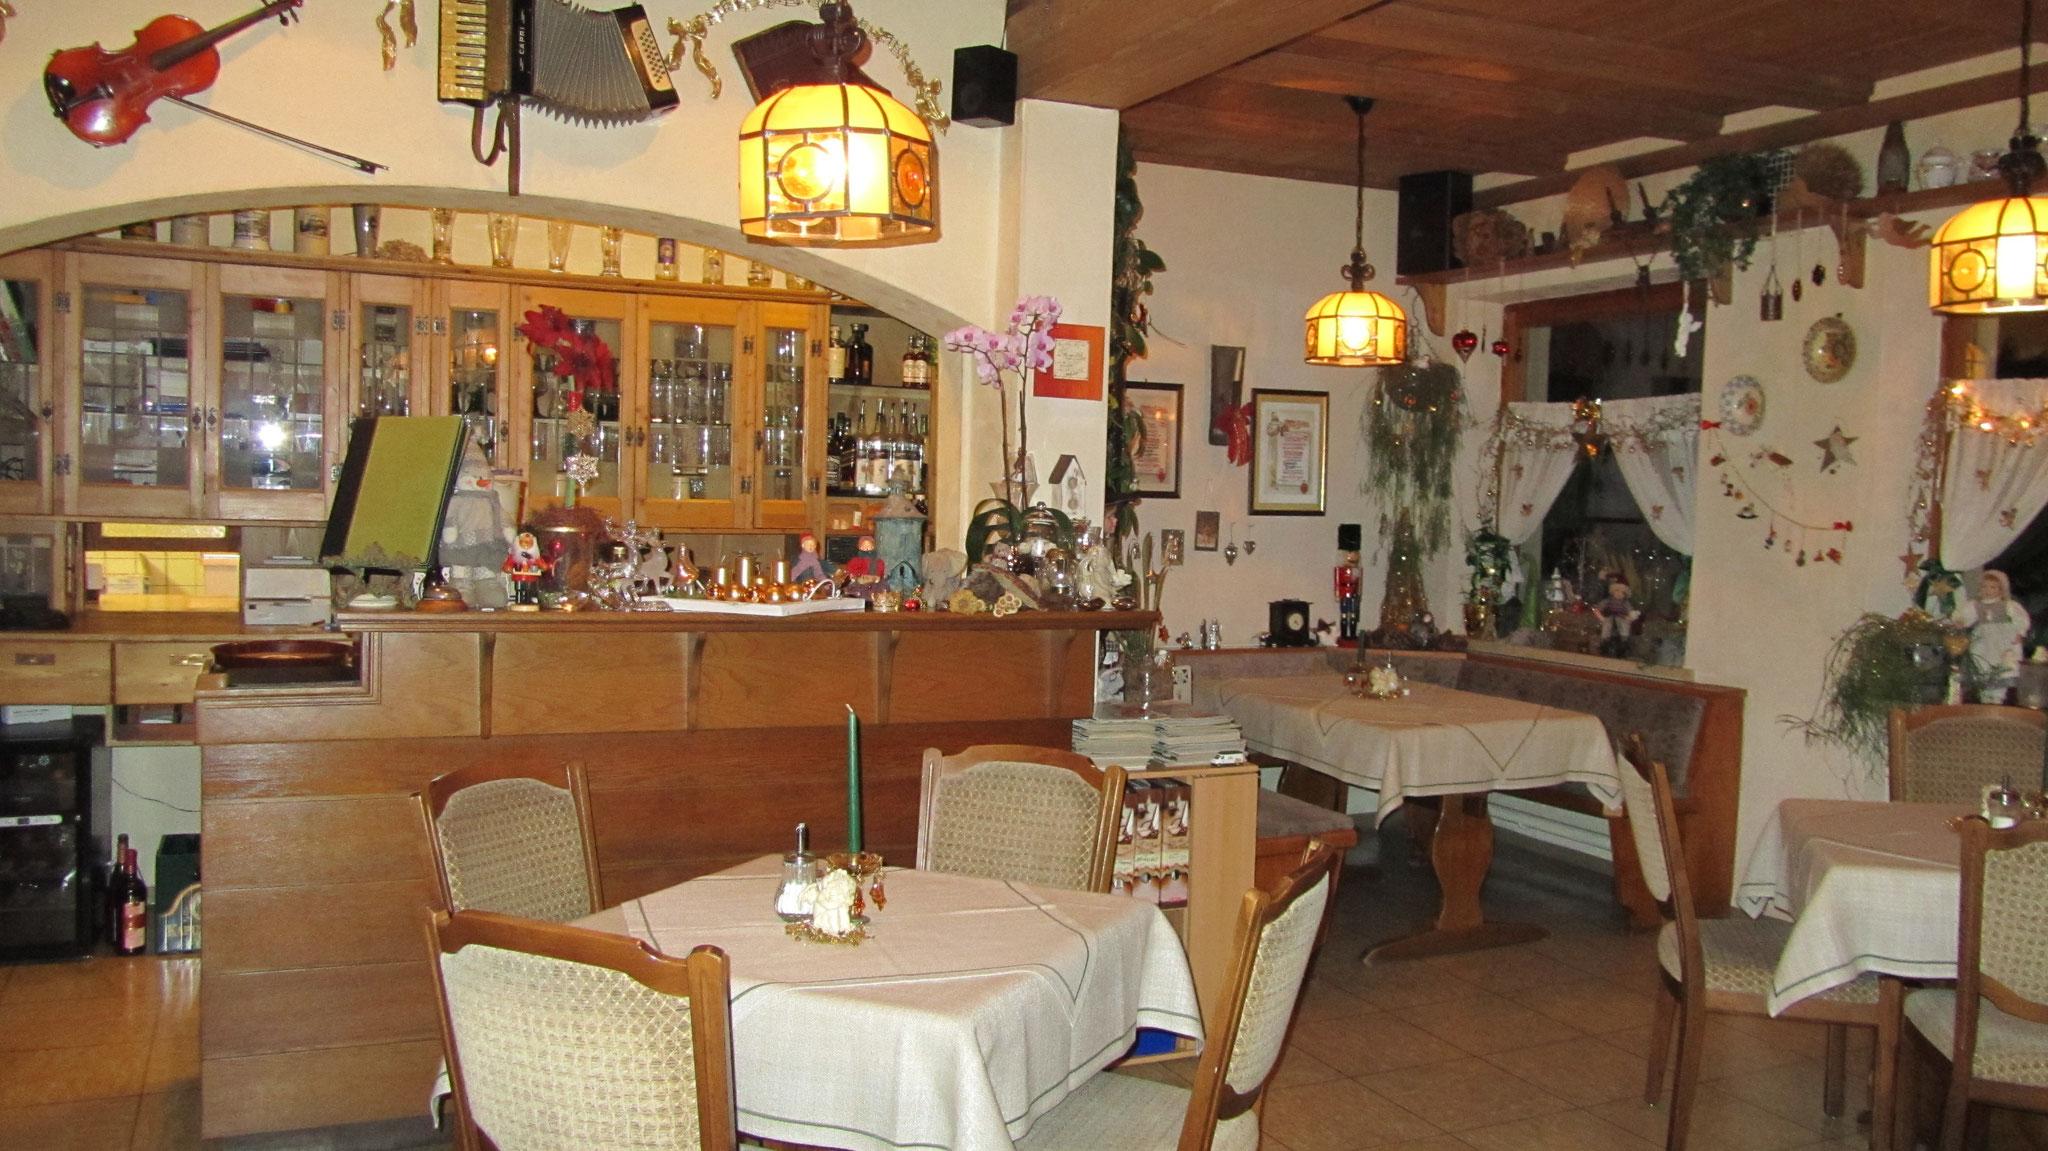 Unsere gemütliche Gaststube im Landgasthof Bieger Ebermannstadt.